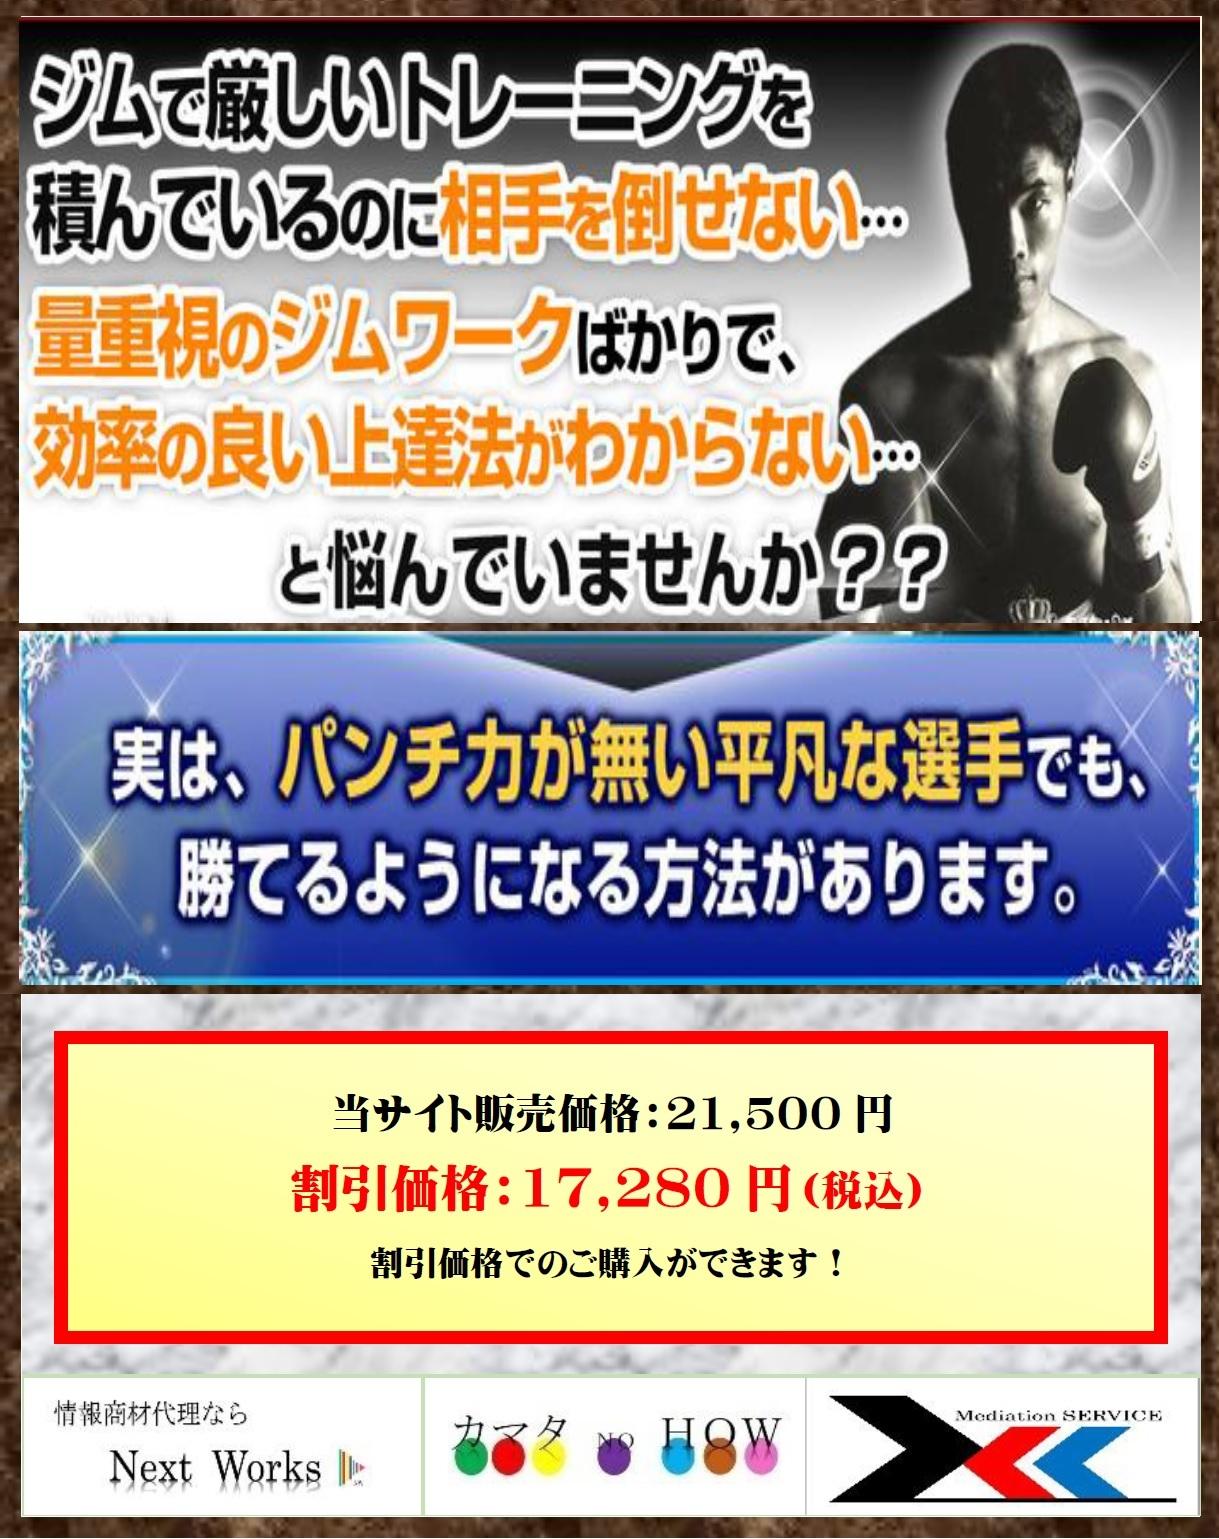 ボクシング上達プログラム~テクニックで相手を倒す理論的練習法~【OPBF東洋太平洋スーパーフェザー級王座 三谷大和 監修】DVD2枚組